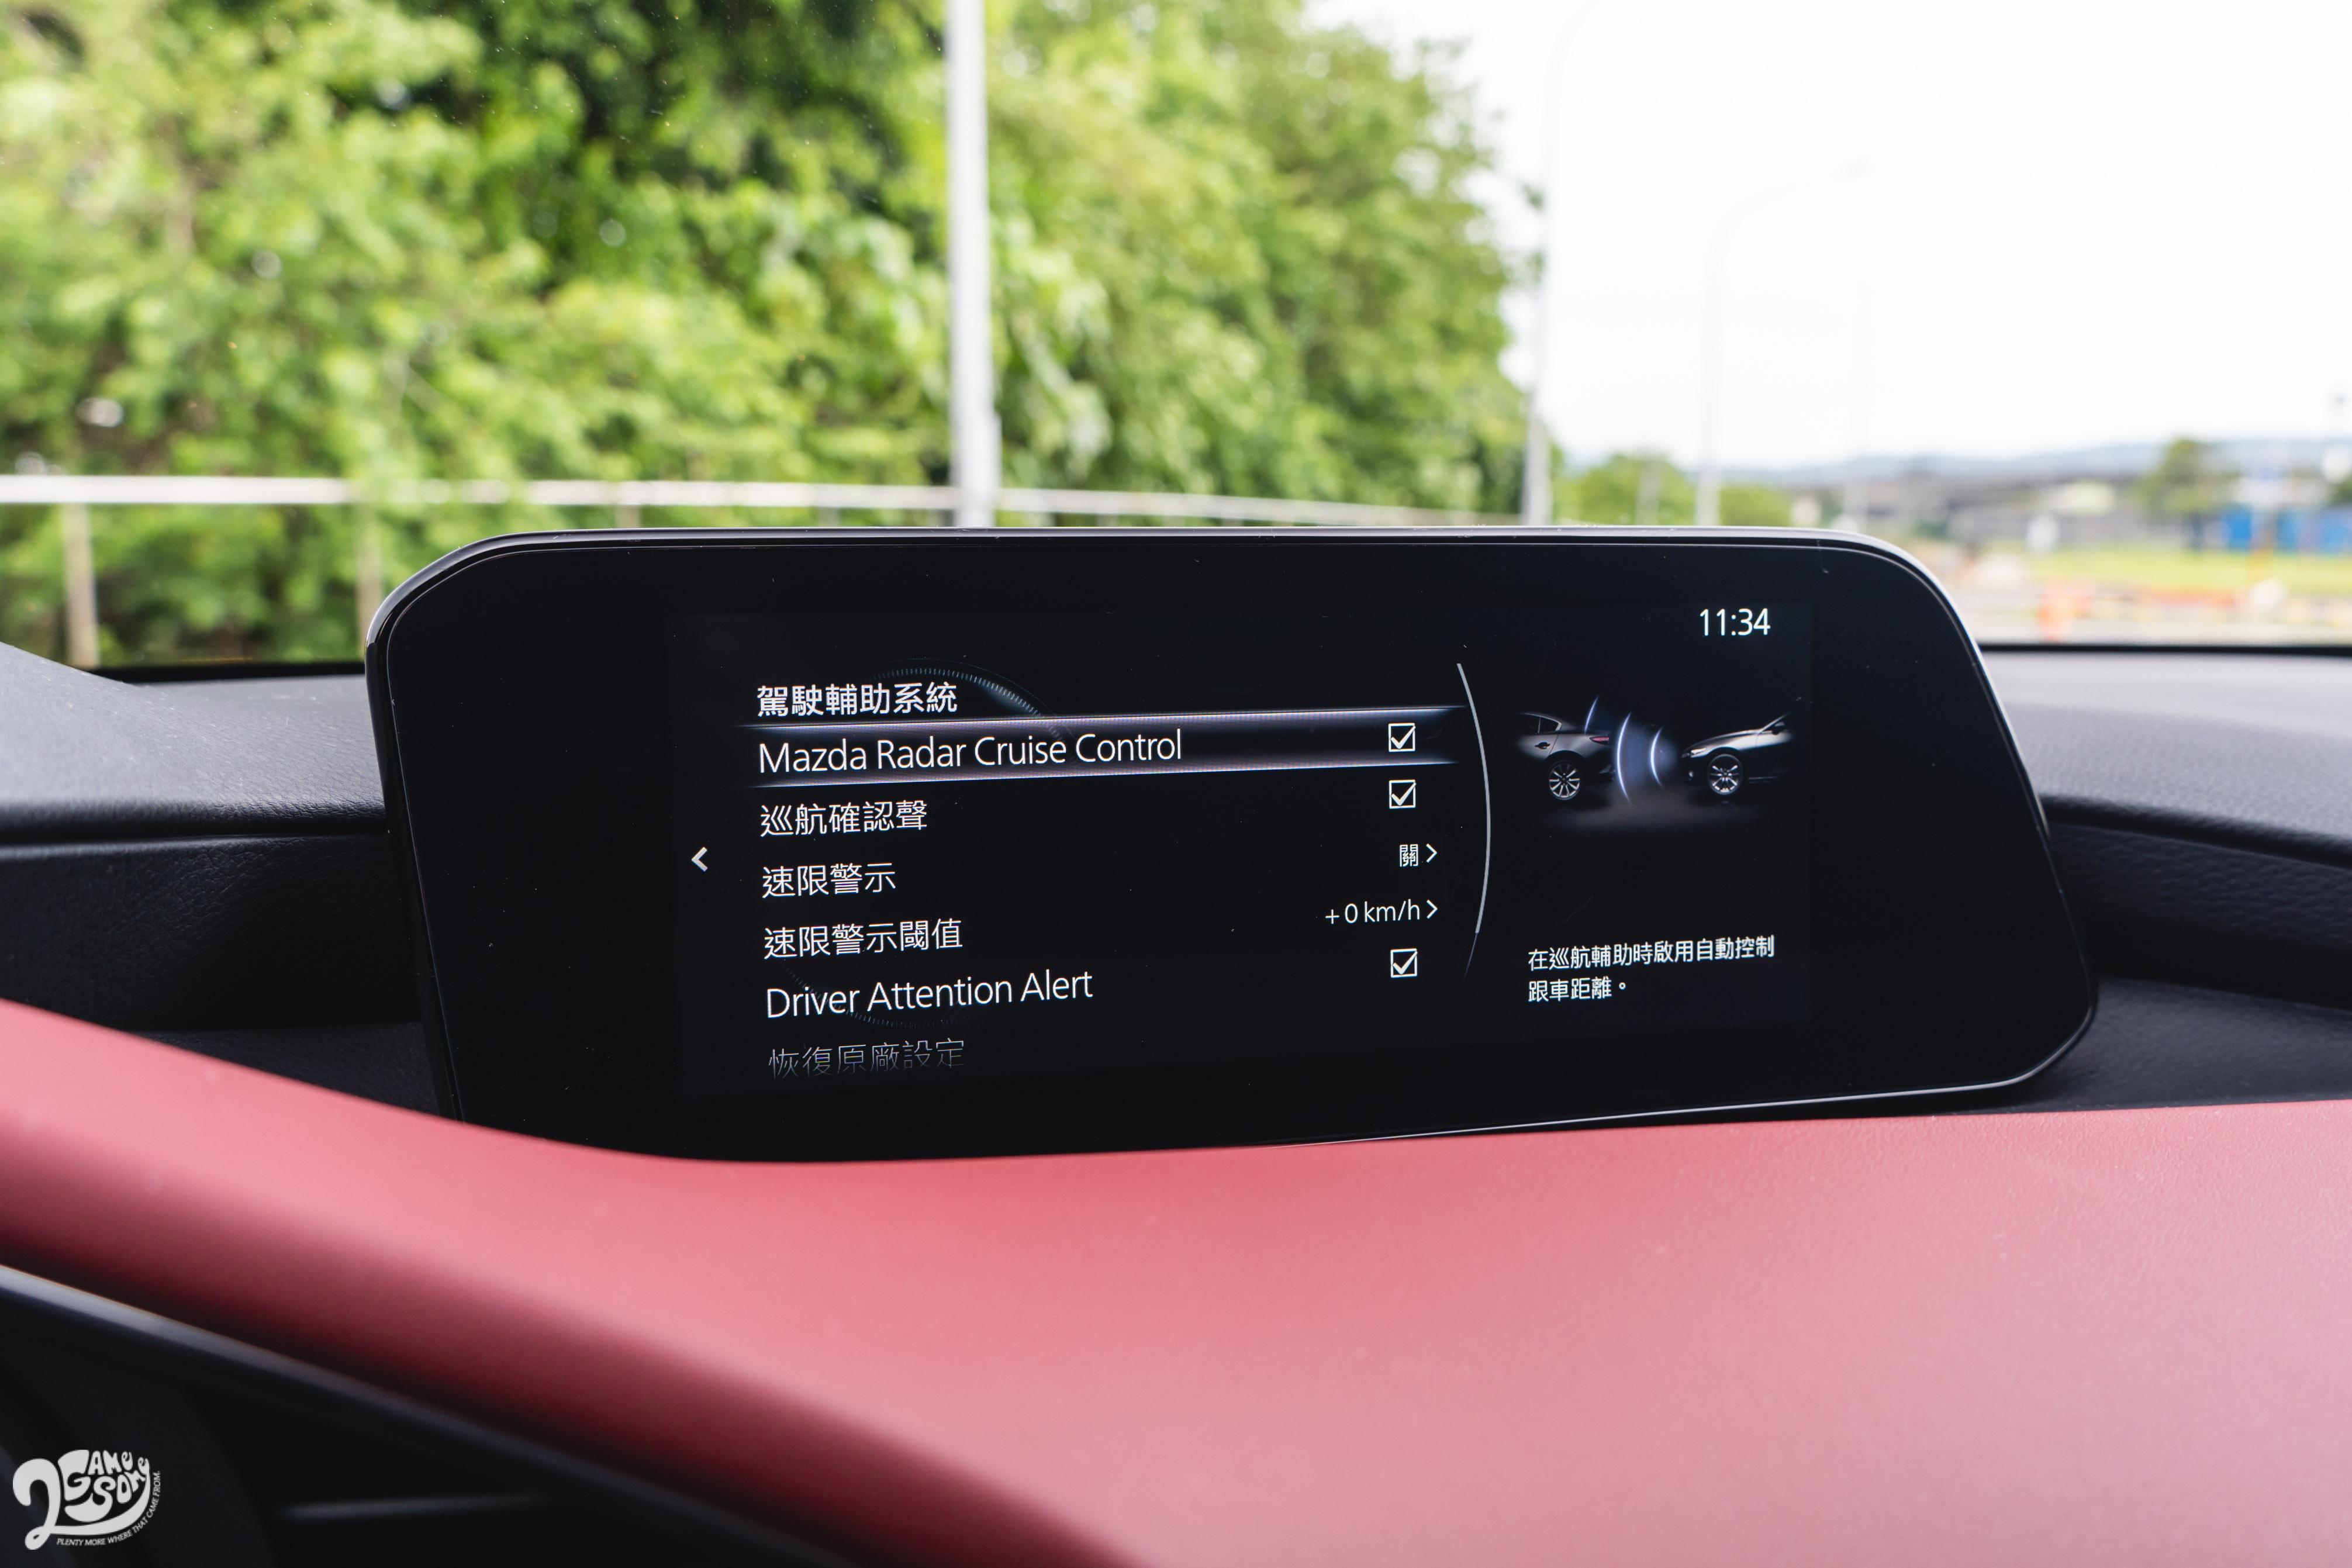 安全方面,MRCC(全速域 ACC)、CTS(車道維持)、盲點偵測等消費者最在意的配備,撇除接單生產的尊榮型,可以說是全車系標配。